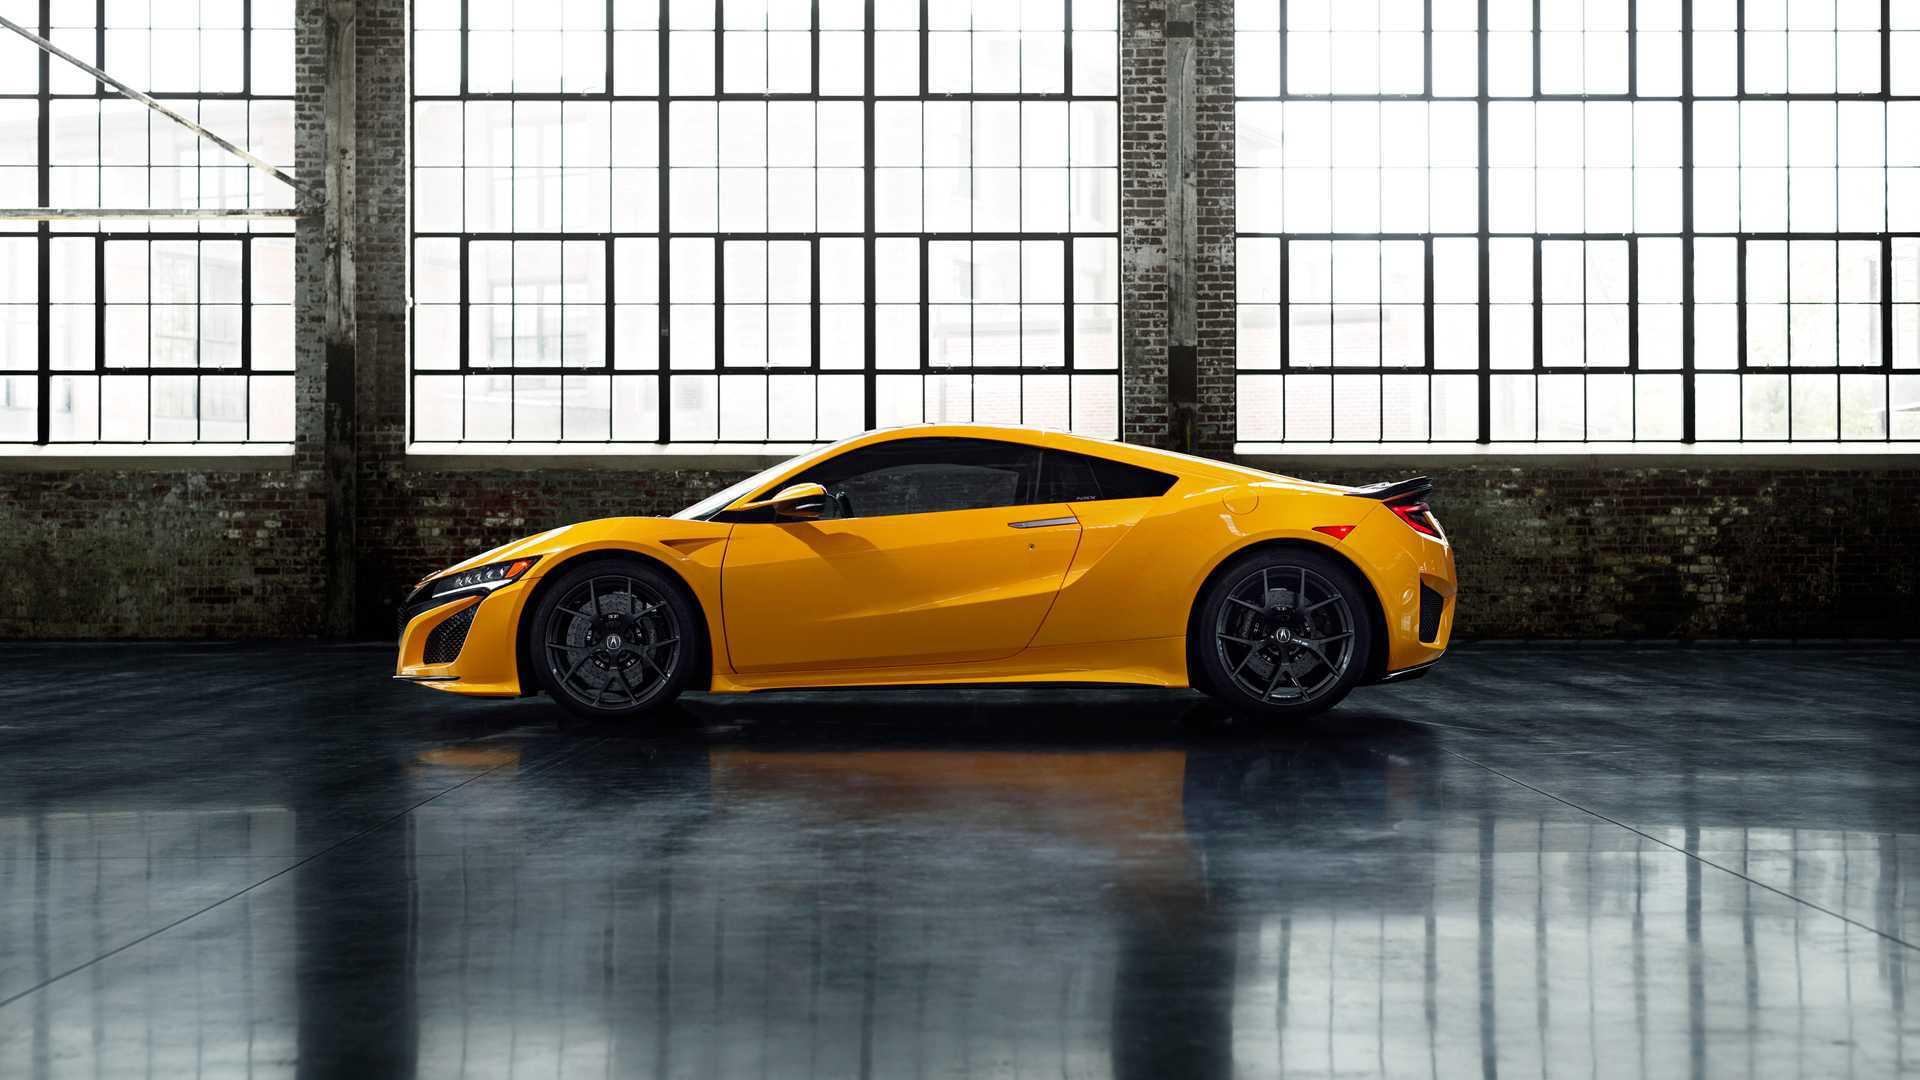 向经典致敬 讴歌NSX加入一款经典车身颜色